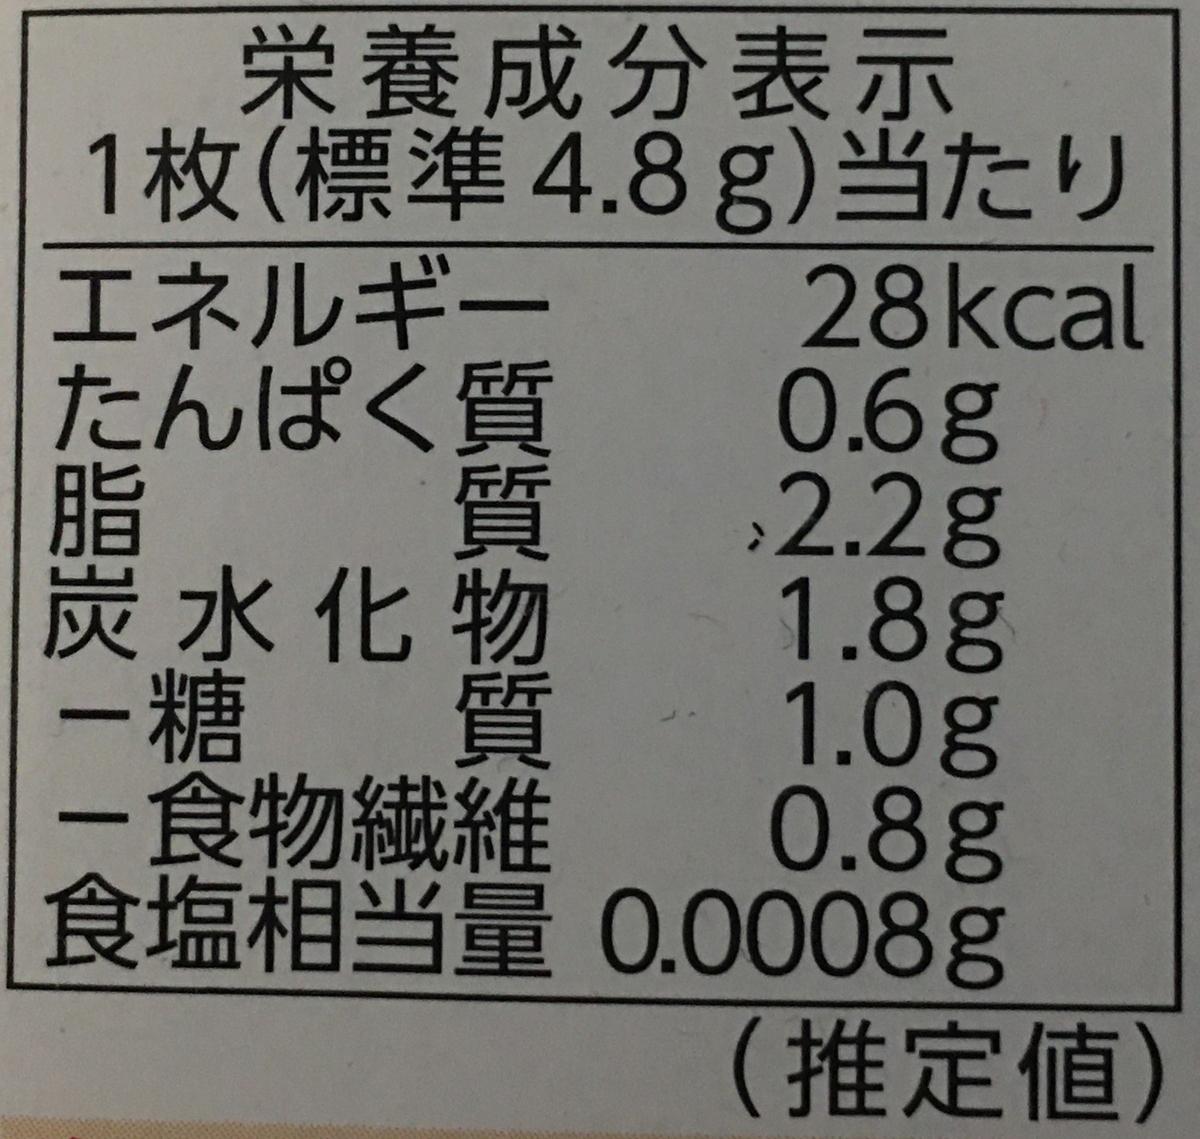 f:id:YOSHIO1010:20200613234359j:plain